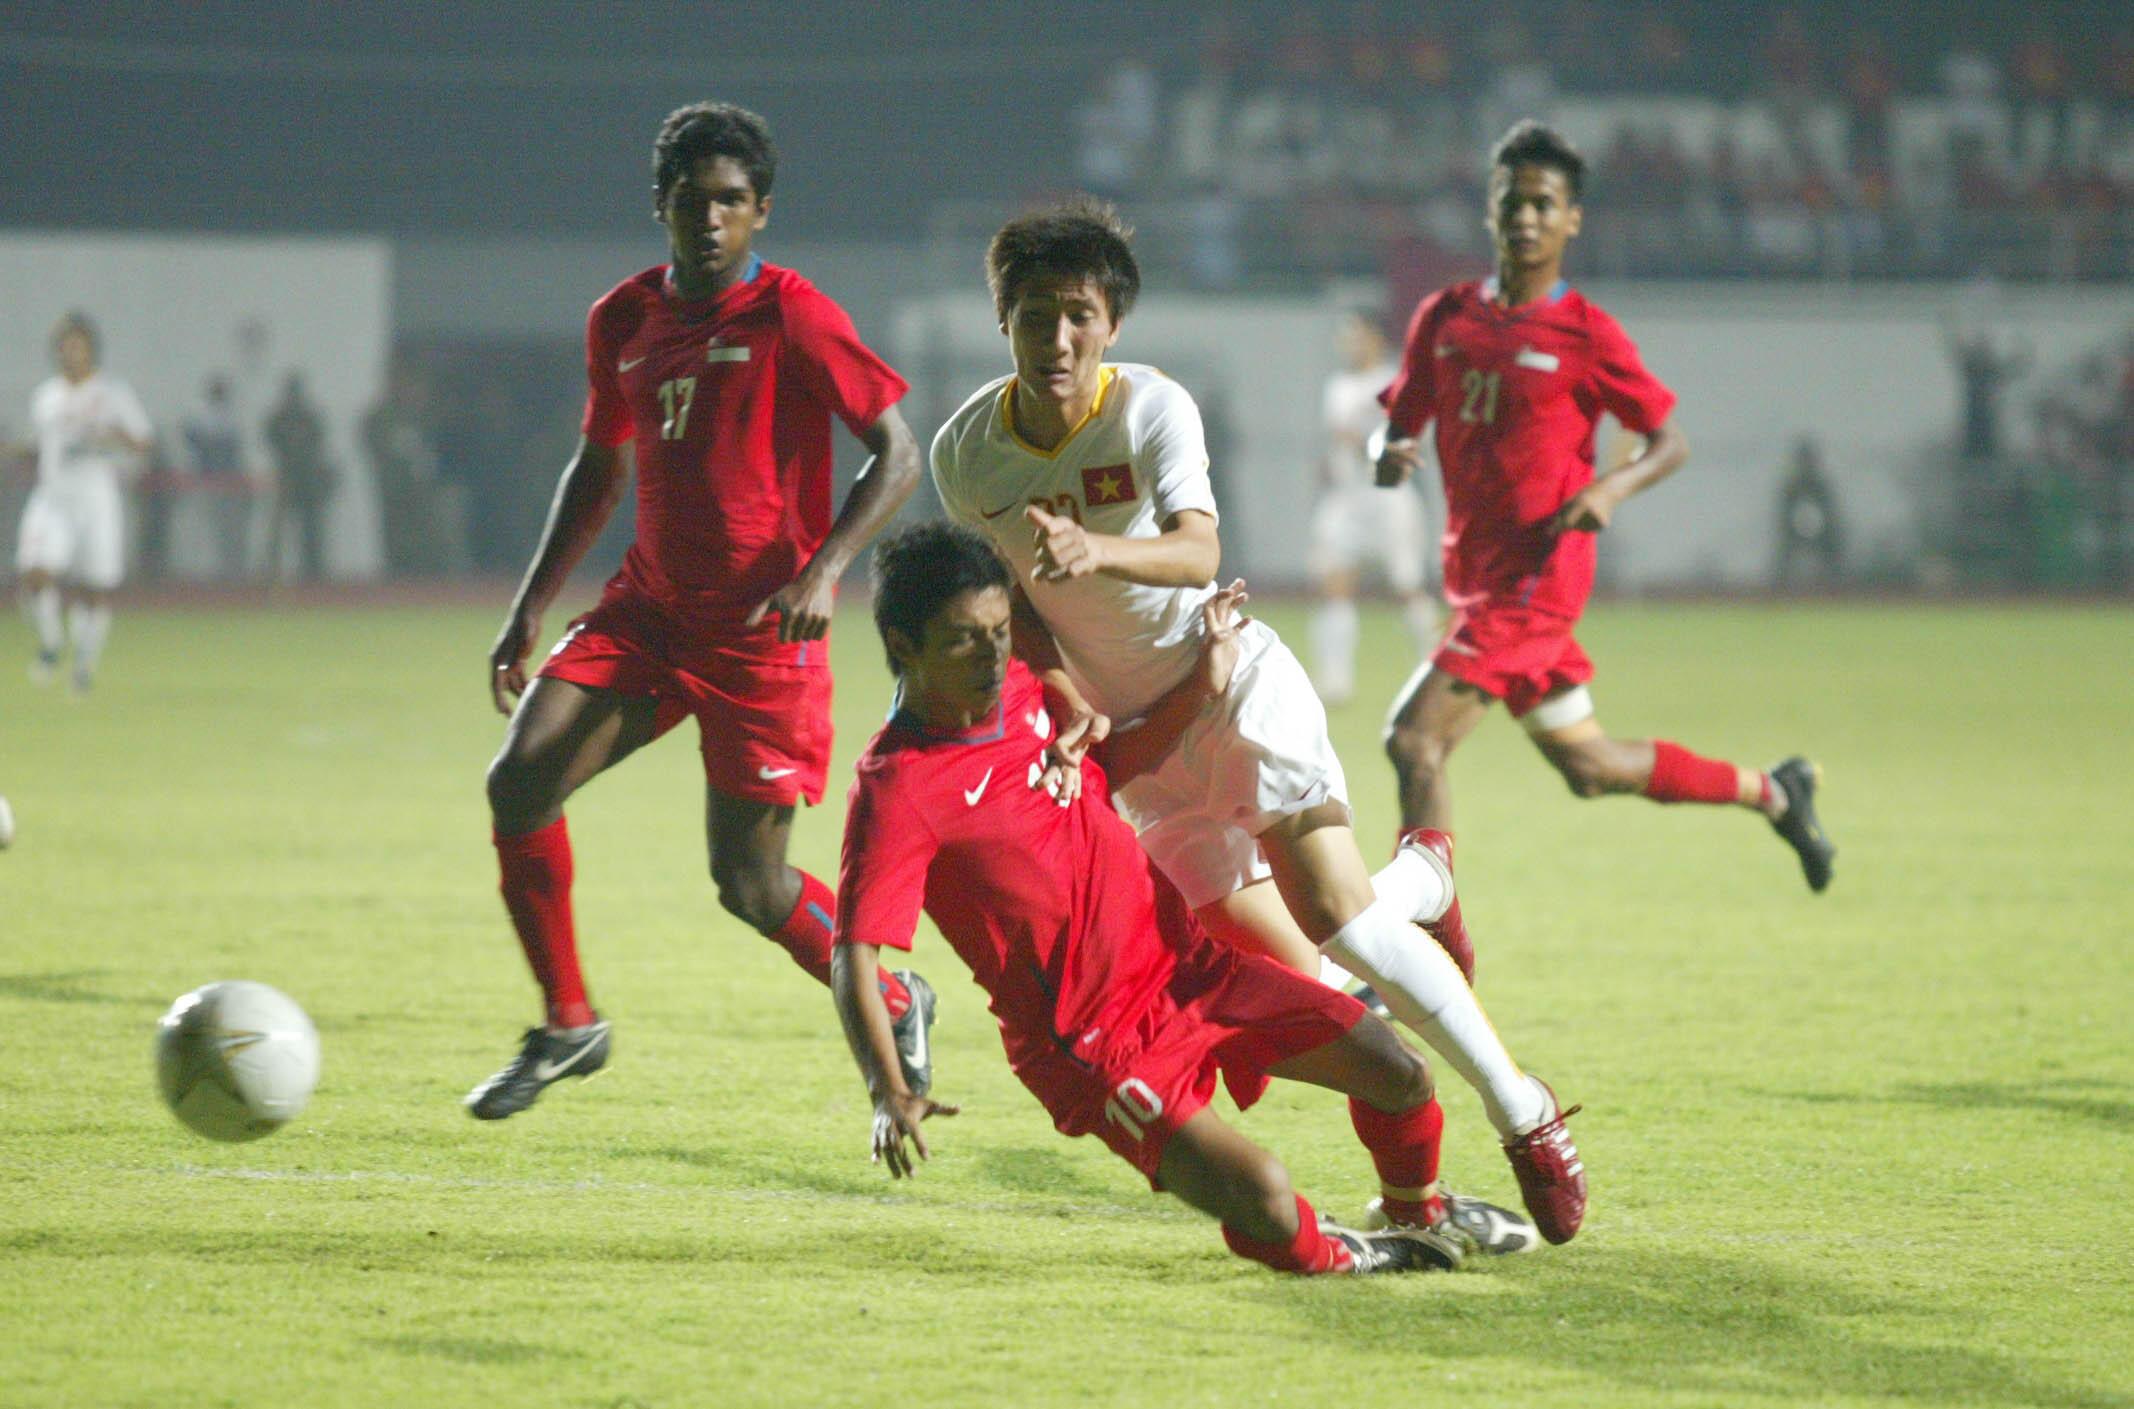 U23 Việt Nam (trắng) gặp Singapore tại Sea Games 25.